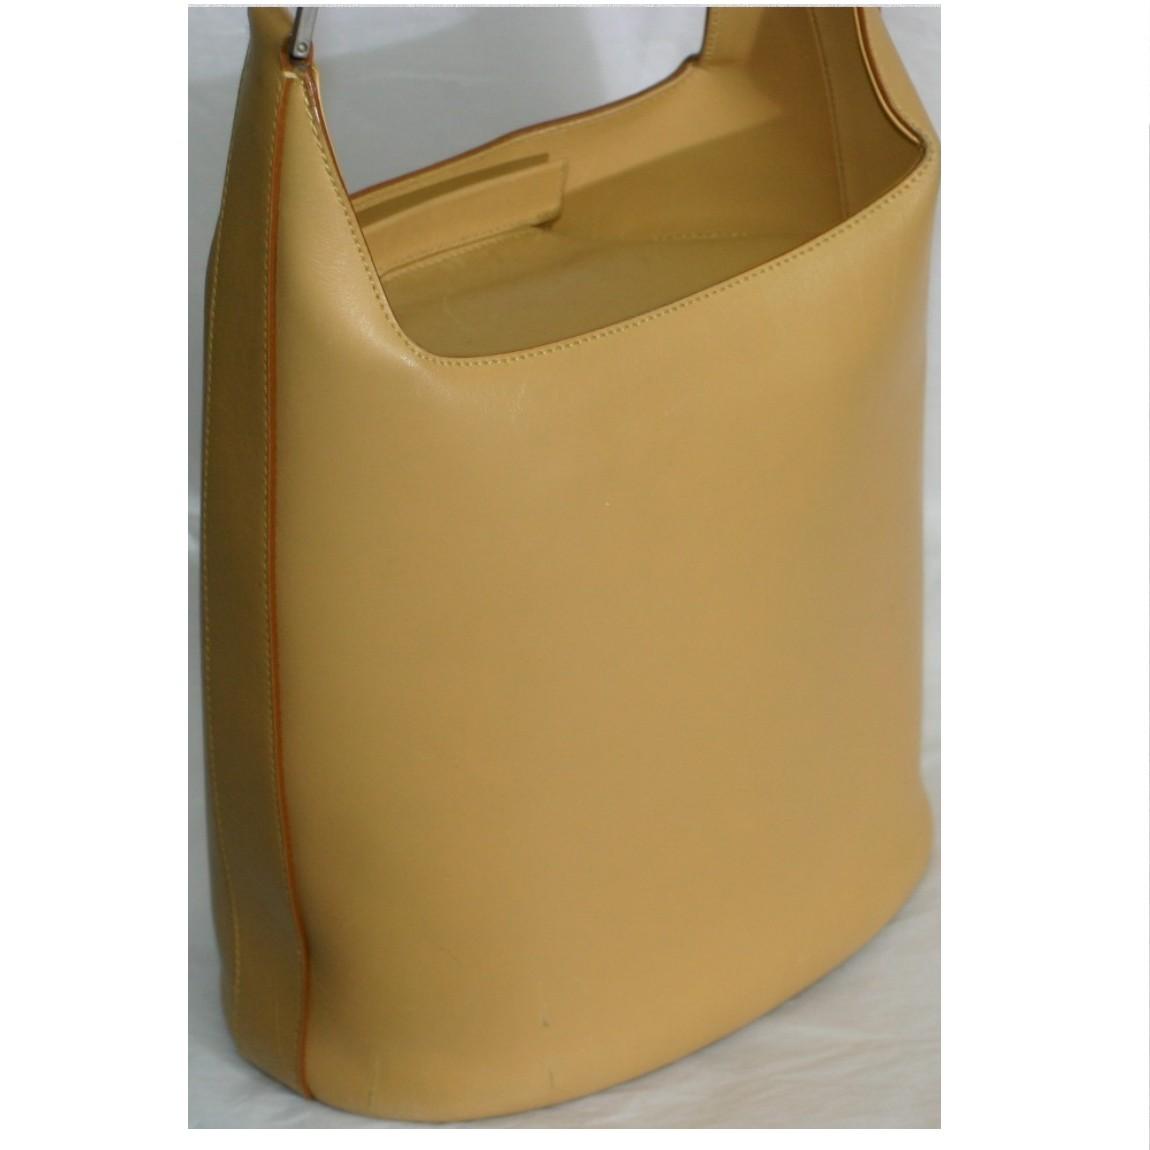 【中古】本物美品フェラガモ女性用濃いベージュ色可愛いバケツ型セミショルダーバッグ サイズW22,5H24D14cm